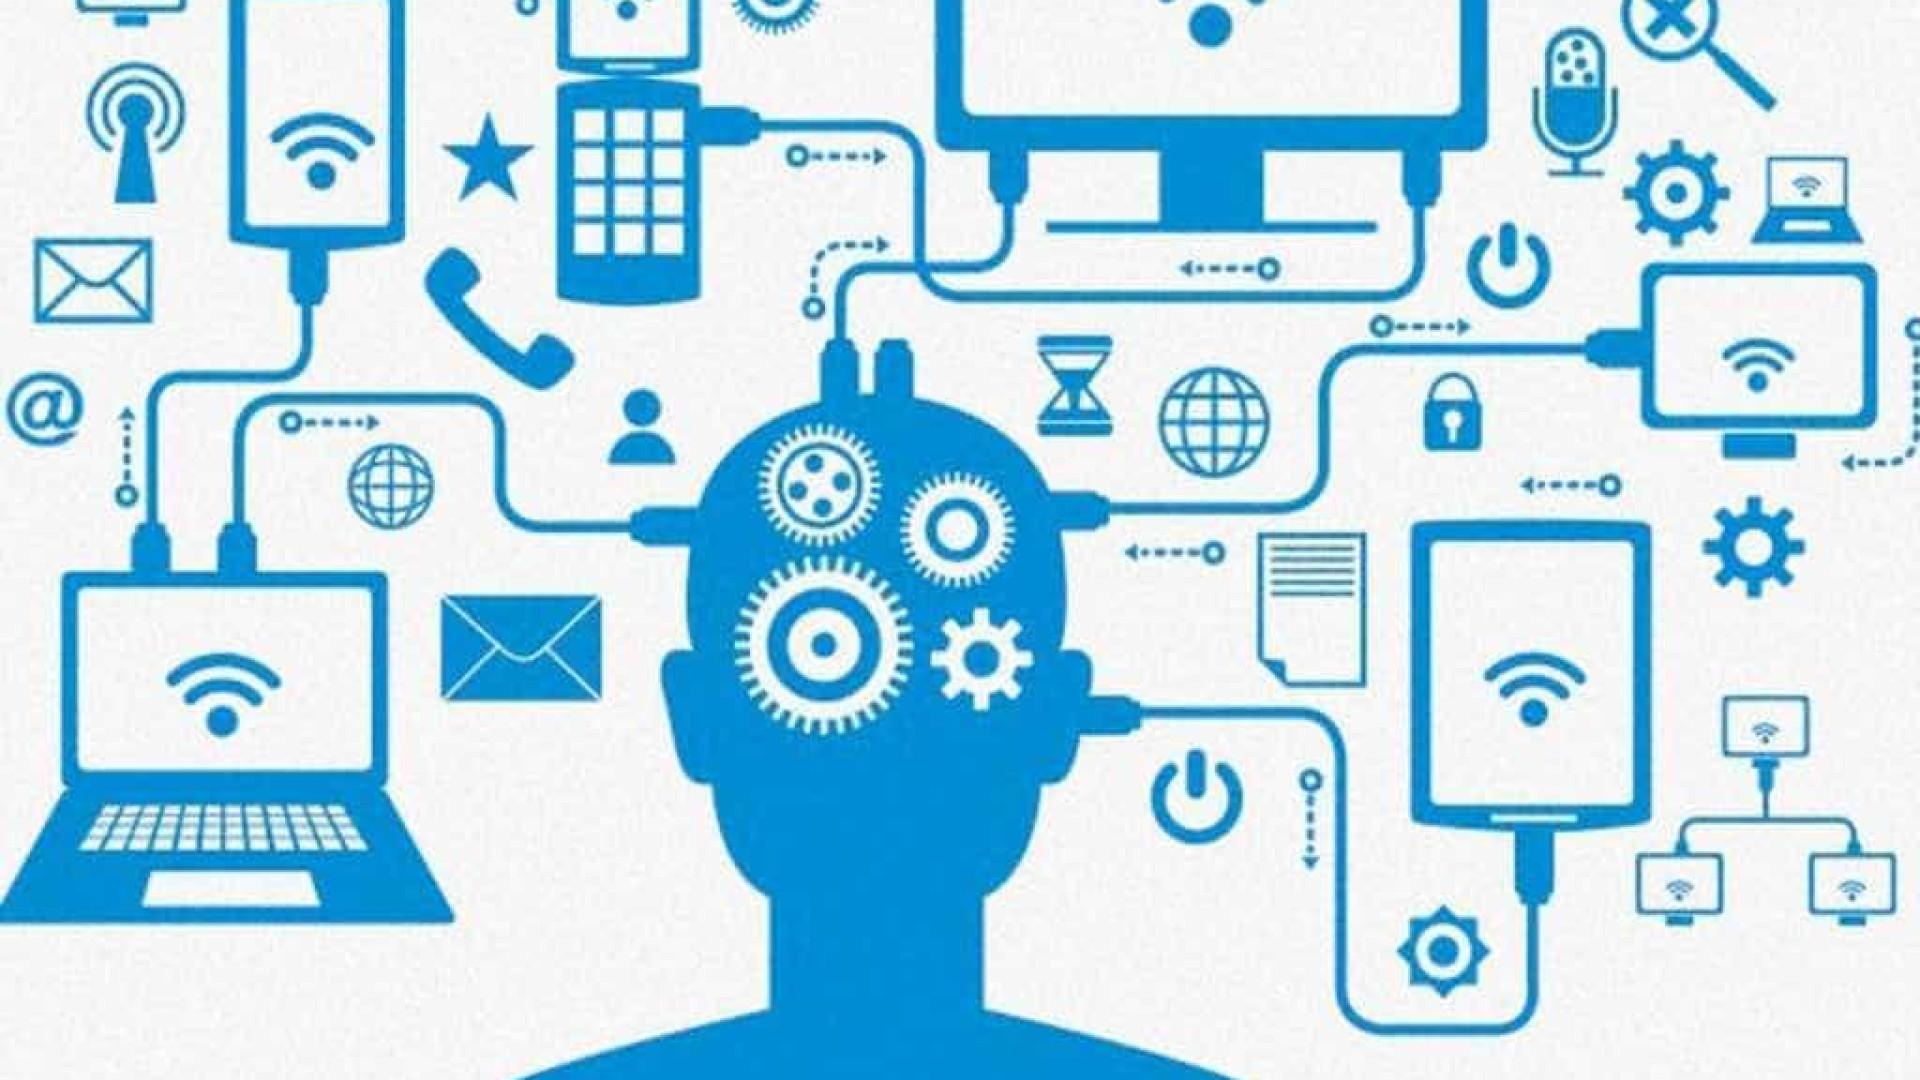 Uso de tecnologias digitais por grandes empresas aumenta no Brasil